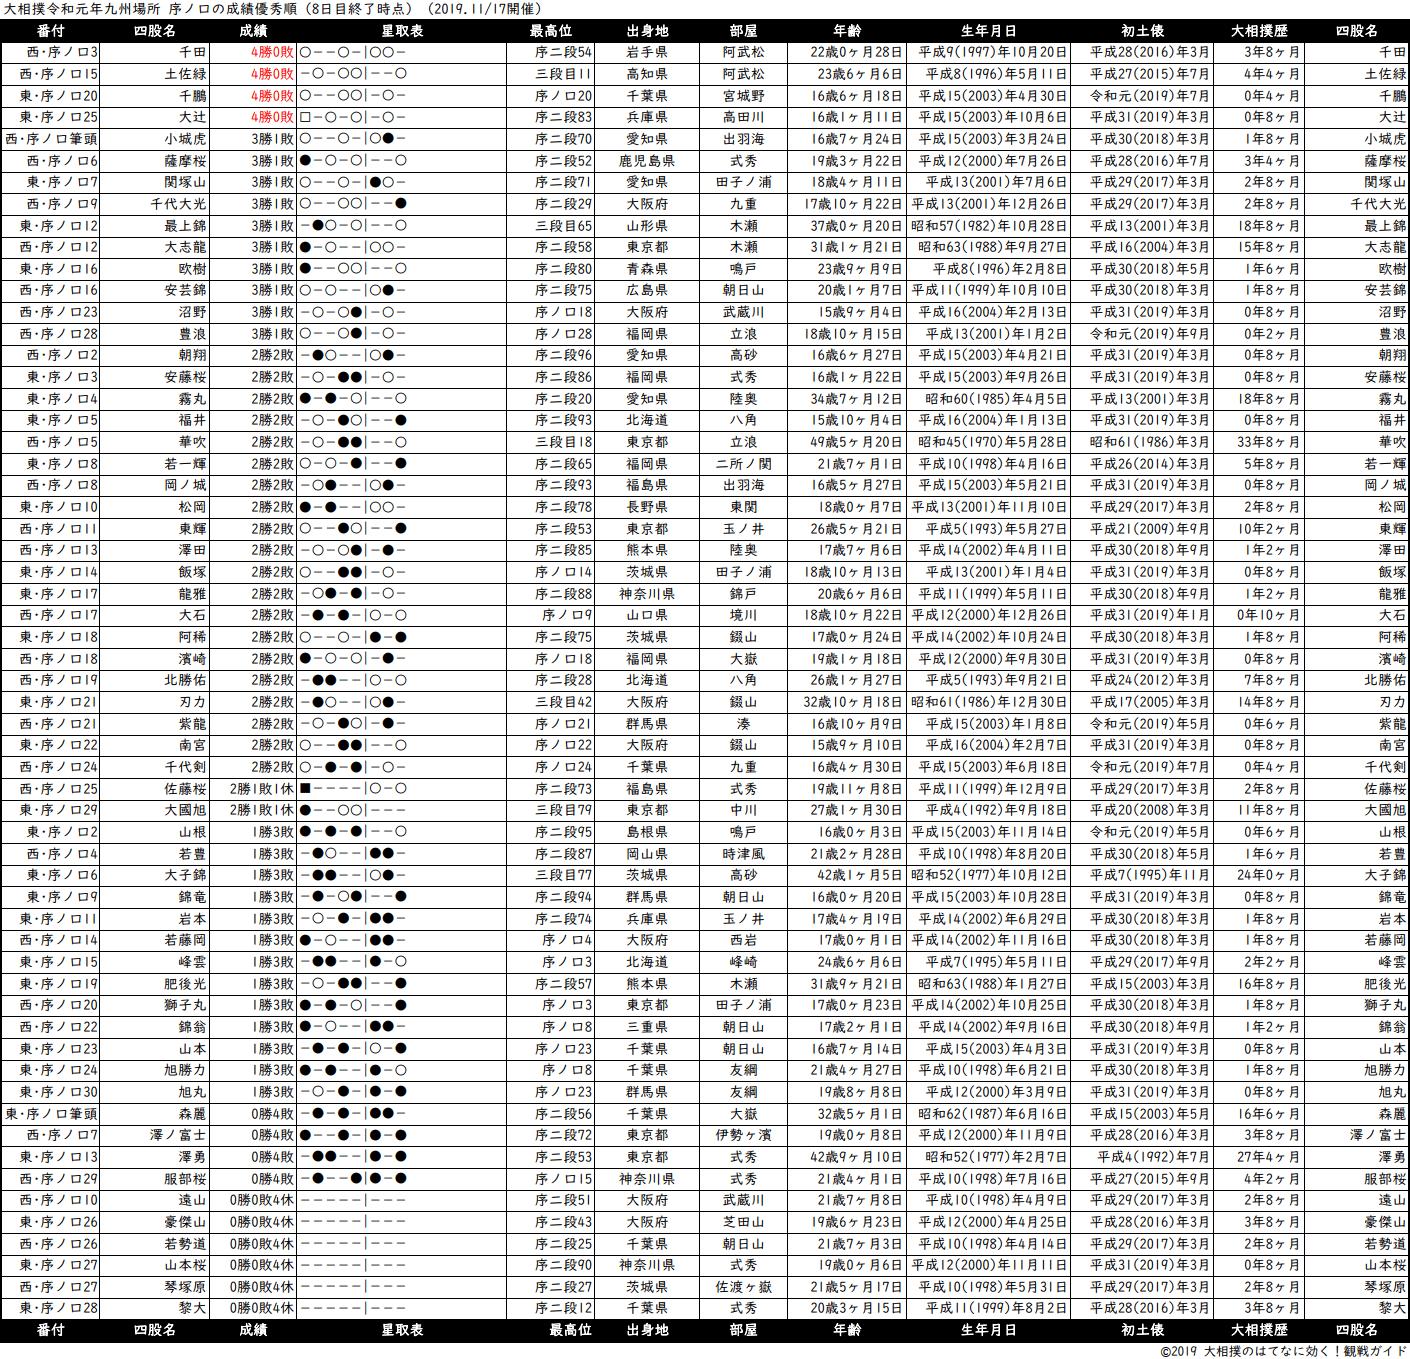 序ノ口成績順一覧表・2019年11月場所8日目